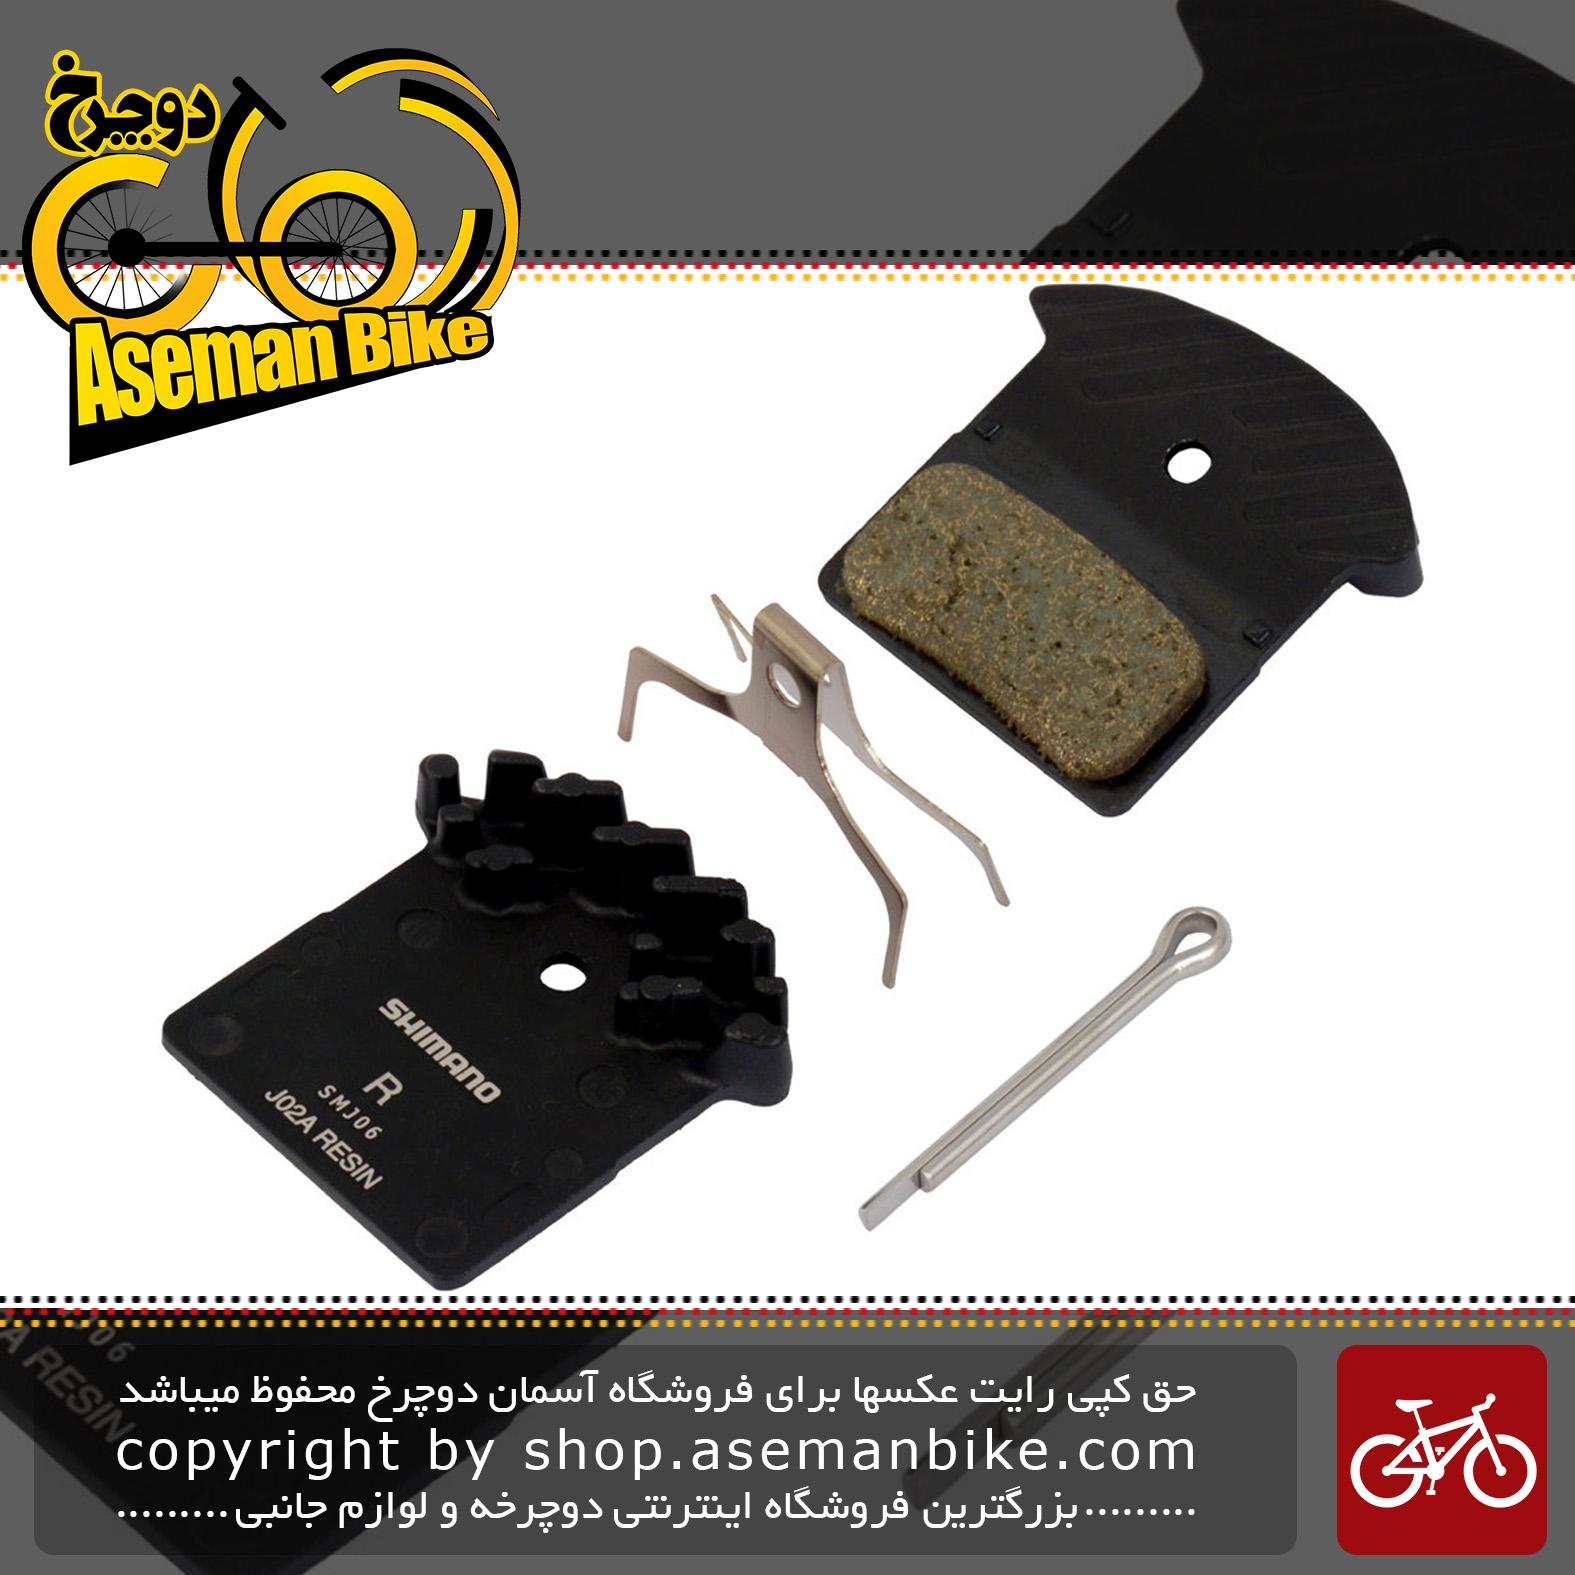 لنت ترمز دیسک دوچرخه رزین رادیاتور دار شیمانو جی 02 آ Shimano J02A Resin Disc Brake Pads